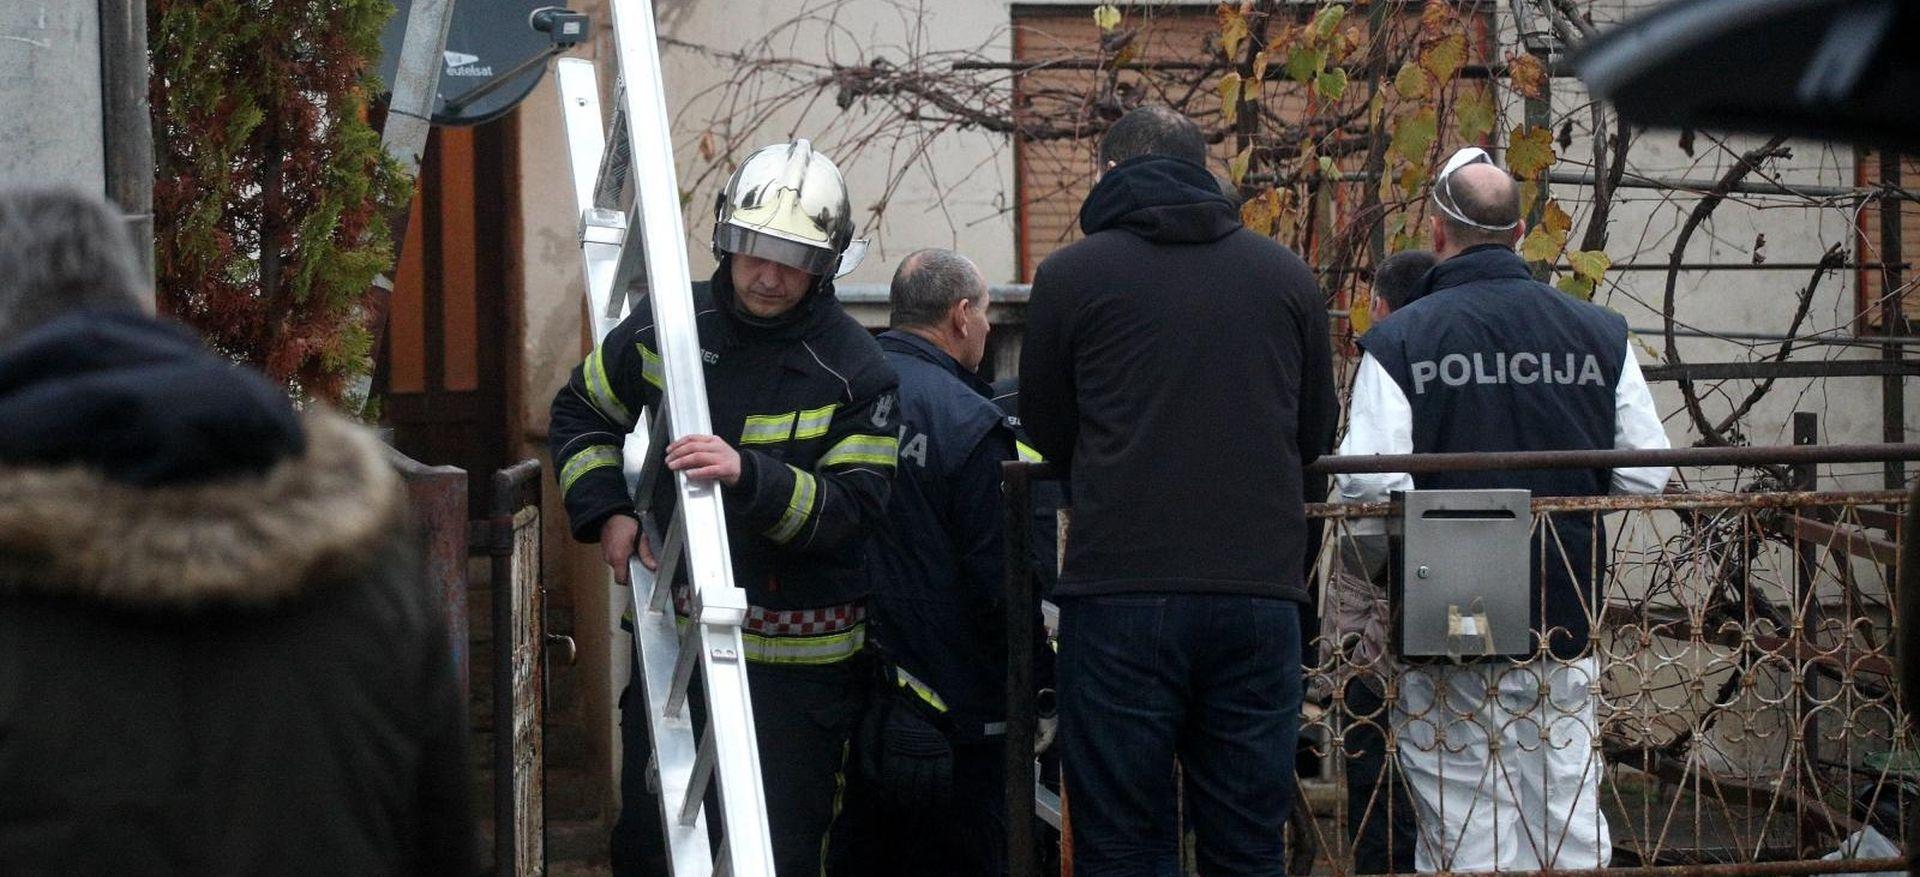 Uhićen osumnjičeni za dvostruko ubojstvo u Zagrebu